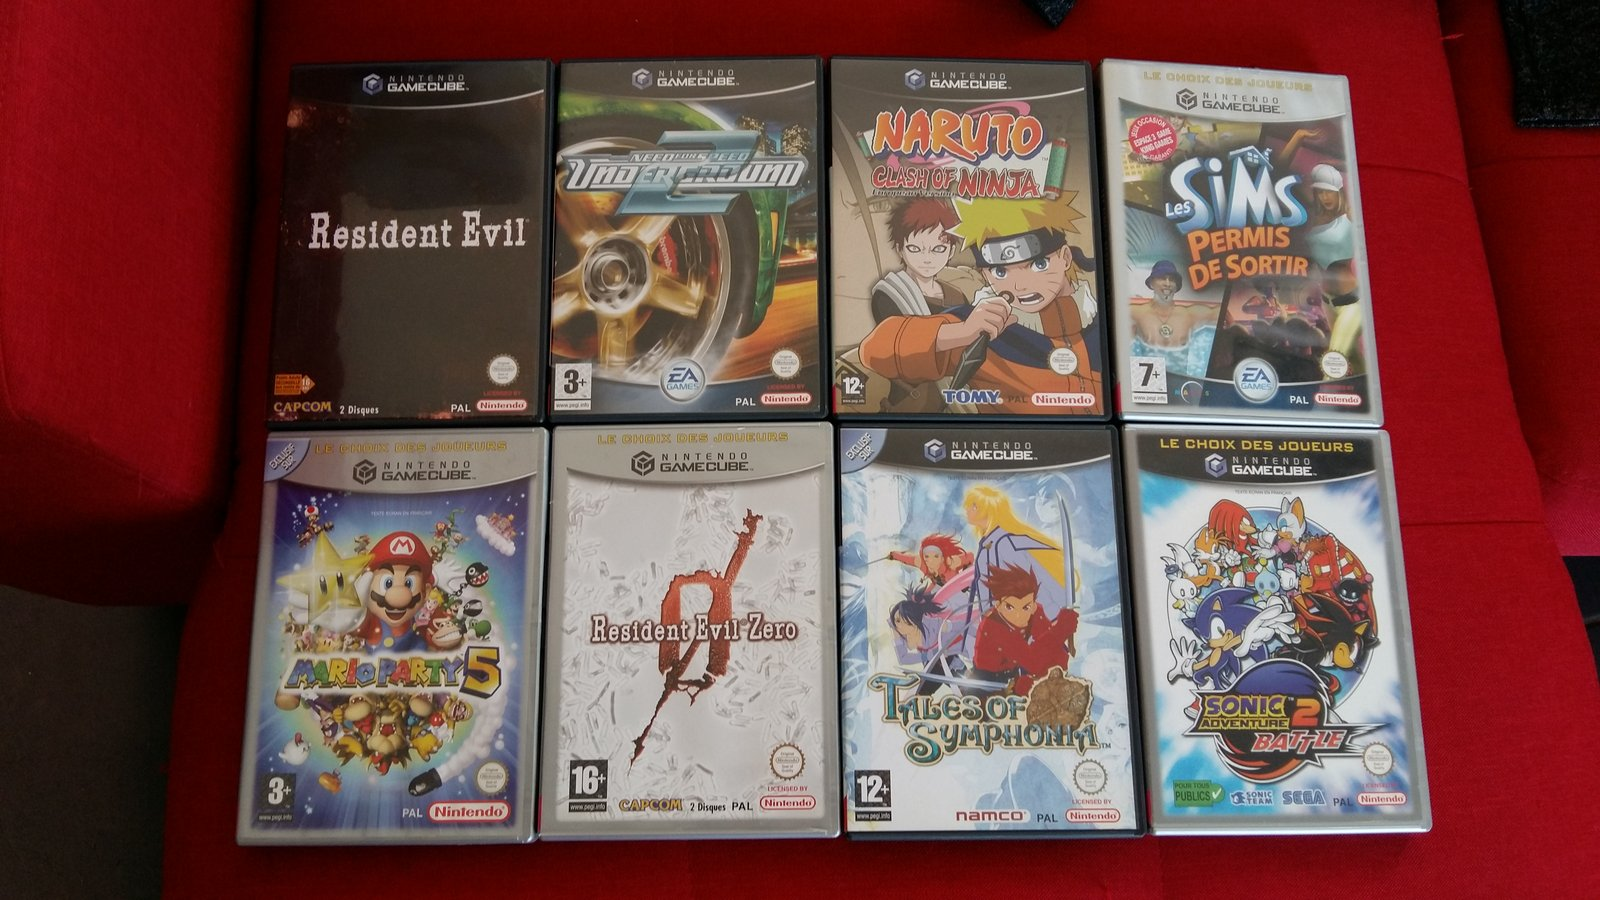 [VDS] Lot Jeux WiiU + Jeux Gamecube et Wii 19062409312292898